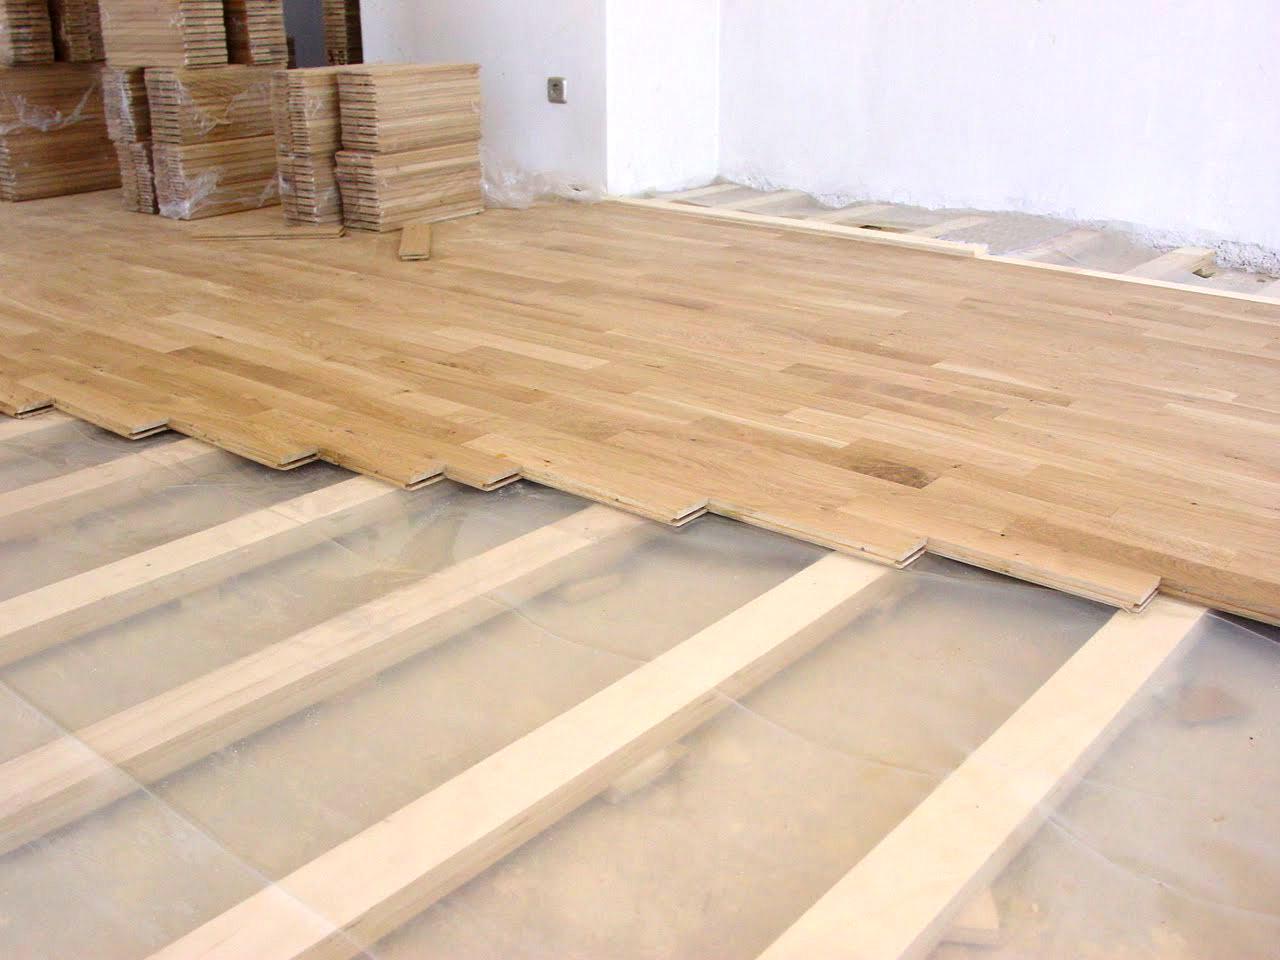 Dormitorio muebles modernos como colocar tarima de madera - Como colocar suelo ...